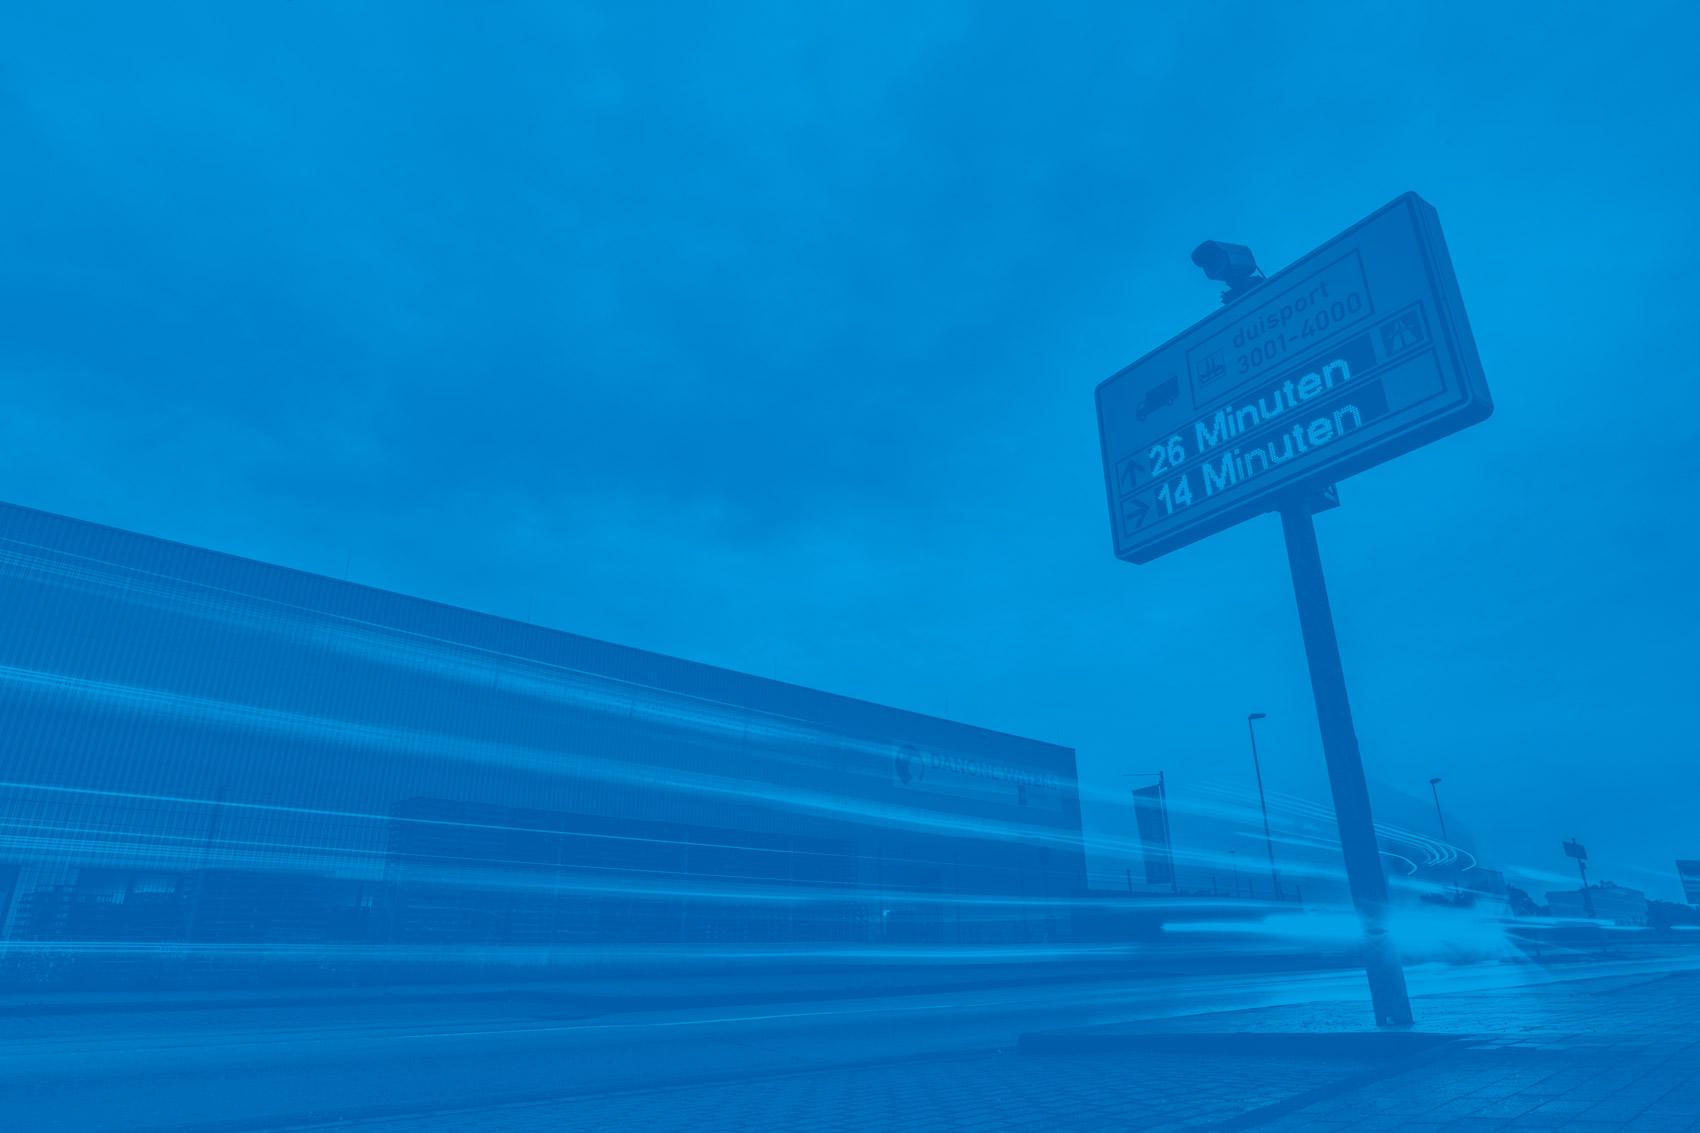 Verkehrsleitsystem bei duisport in blau